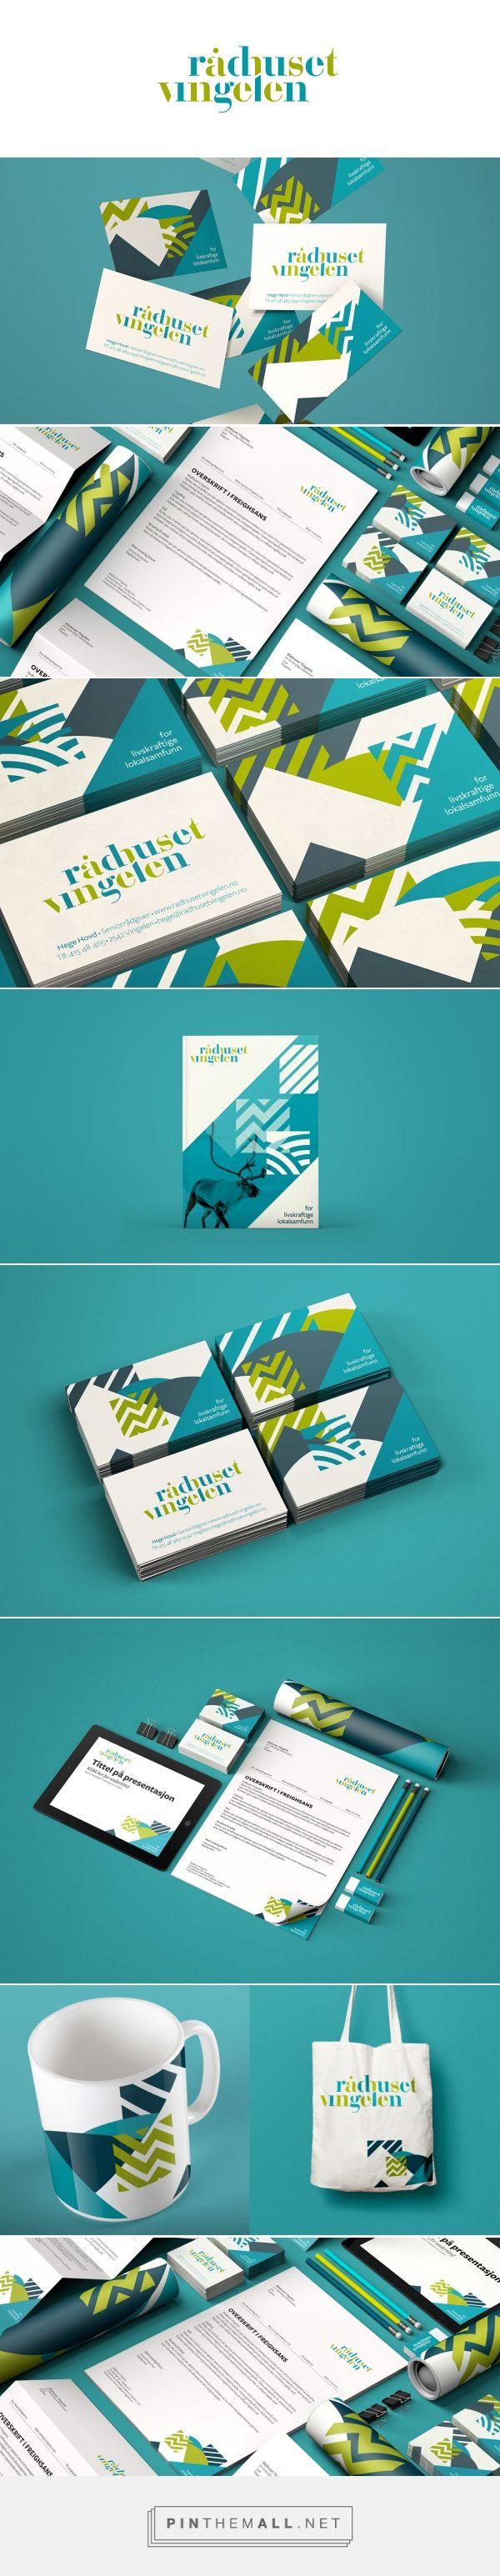 Rådhuset Vingelen On Behance Branding Pinterest Grafik